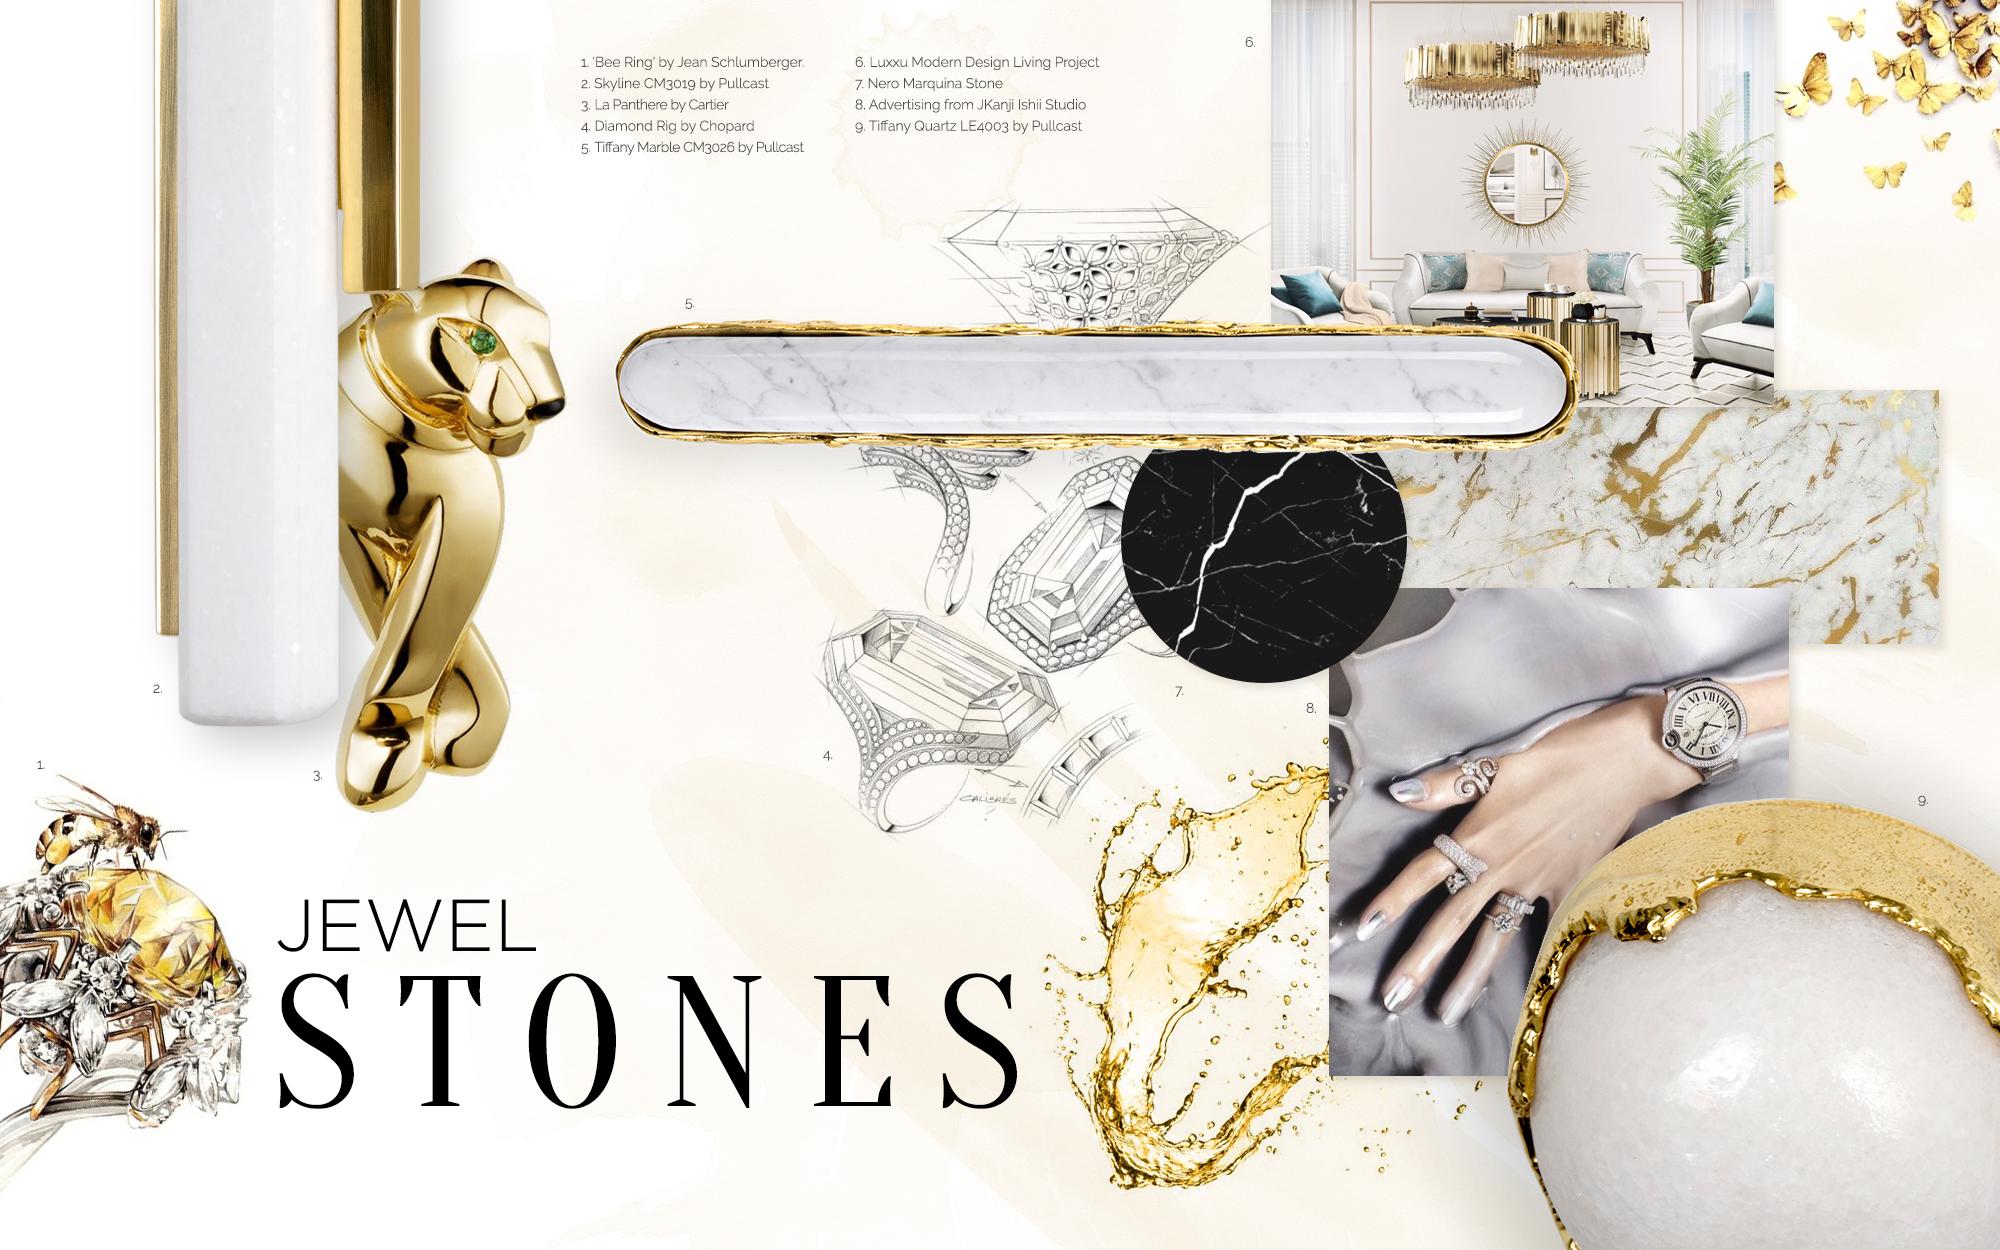 Luxury jewel stones amazing moodboards Amazing MoodBoards Trends to Inspire You Luxury jewel stones